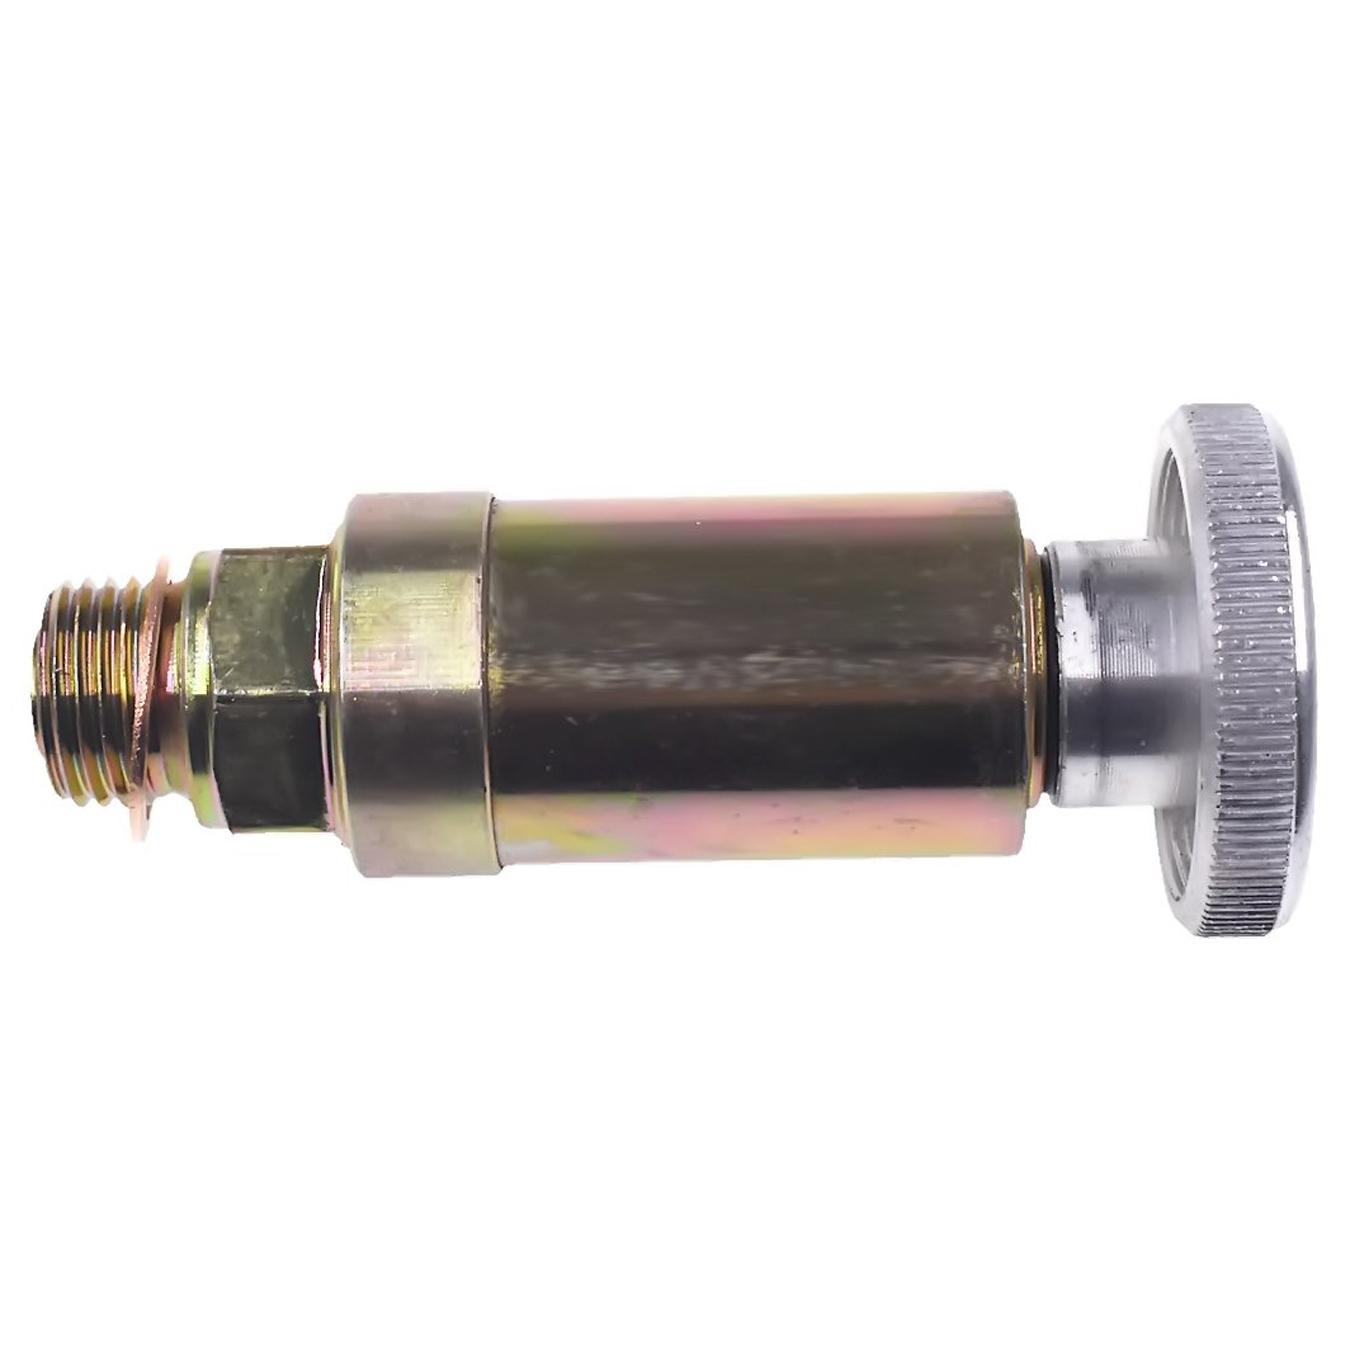 1x NEW Diesel Hand Primer Pump For Mercedes 000 0500 0050 Bosch #2447010020